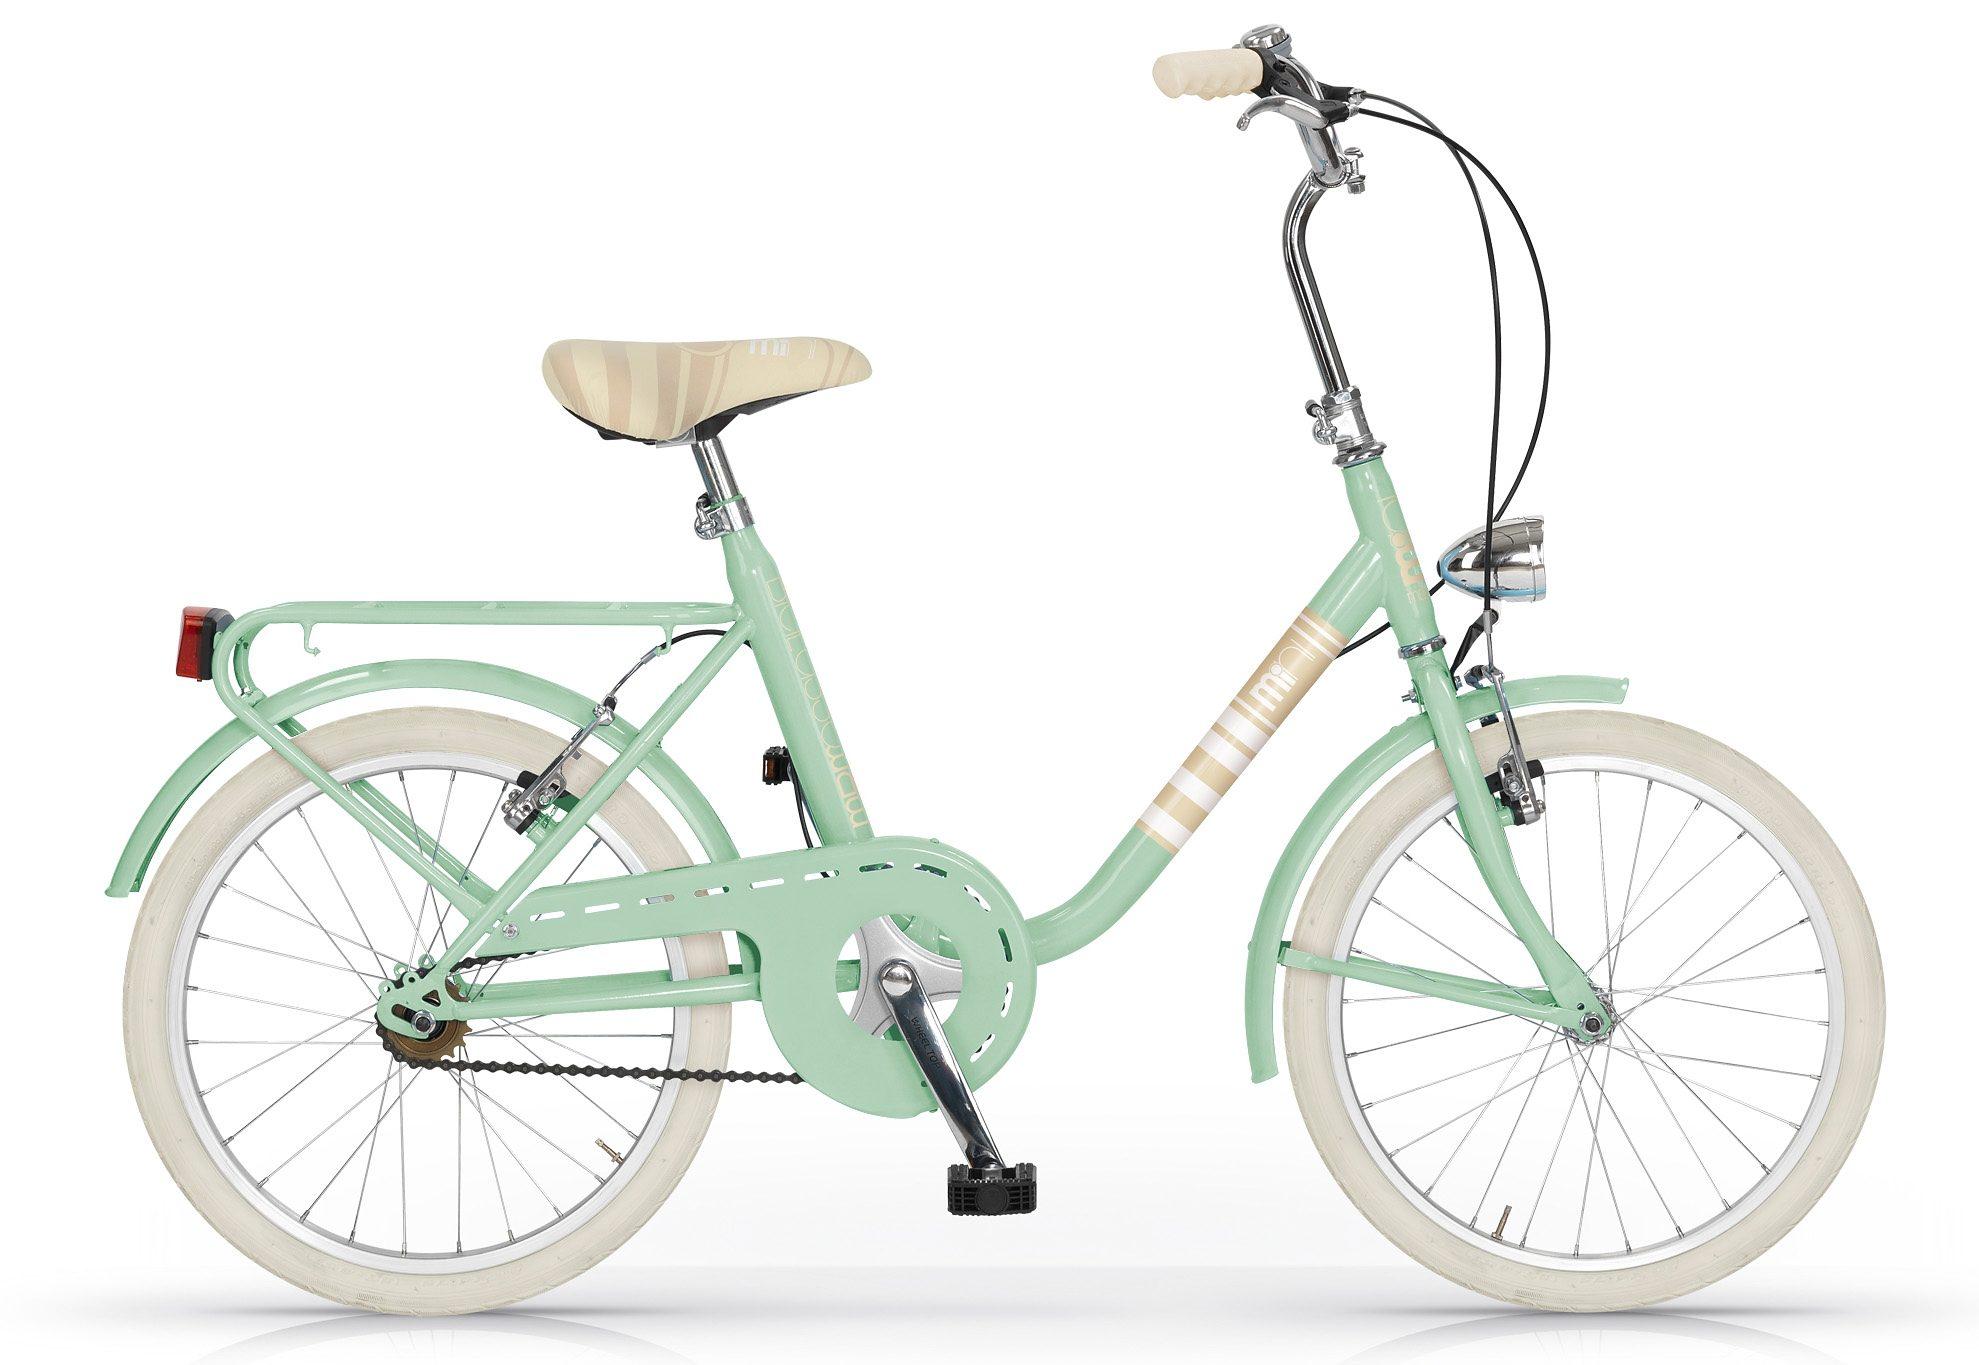 Mini-Bike Fahrrad, 20 Zoll, 1-Gang, »Modell 567«, MBM